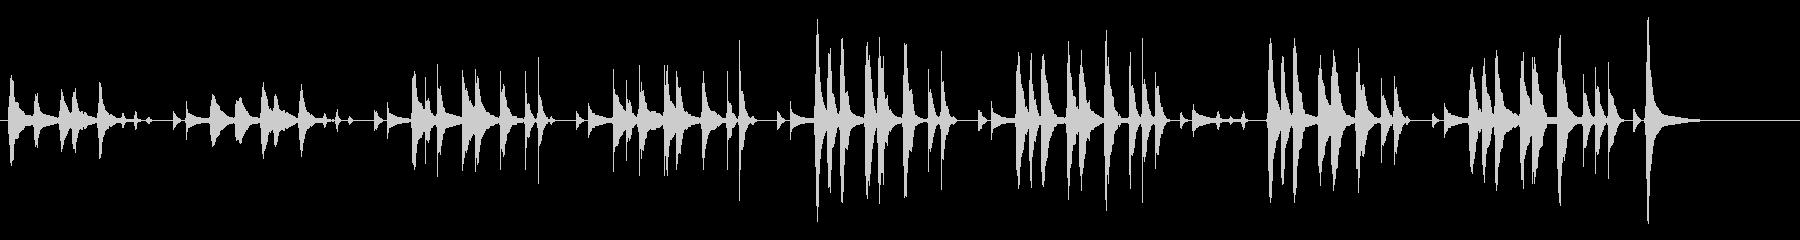 ゆるーい日常シーンで流れてそうなBGMの未再生の波形